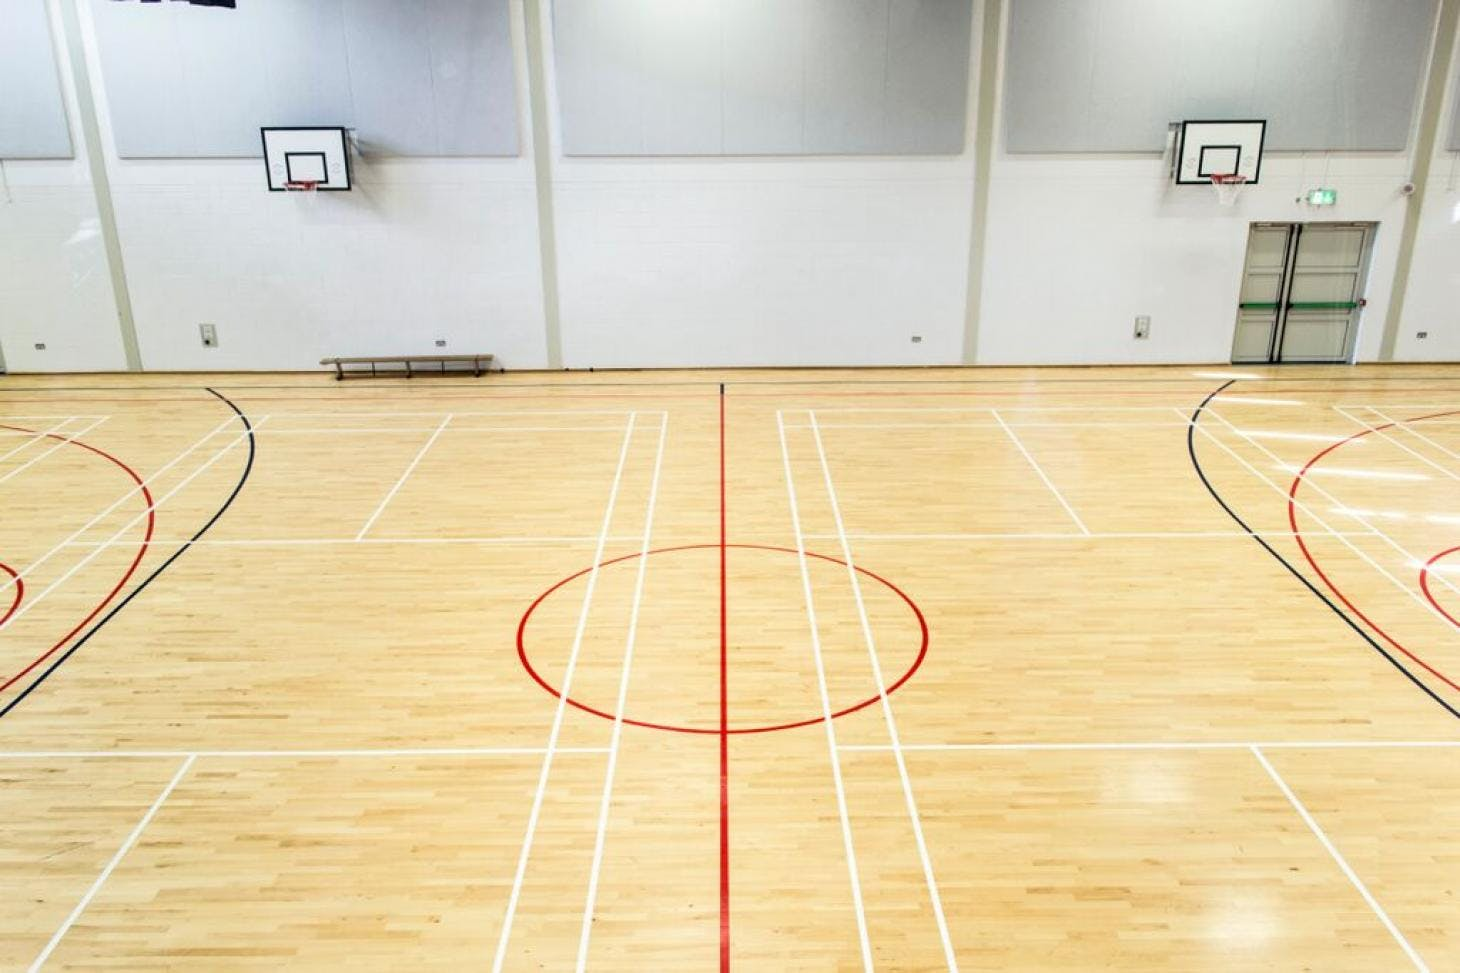 Alexandra College Indoor | Hard badminton court